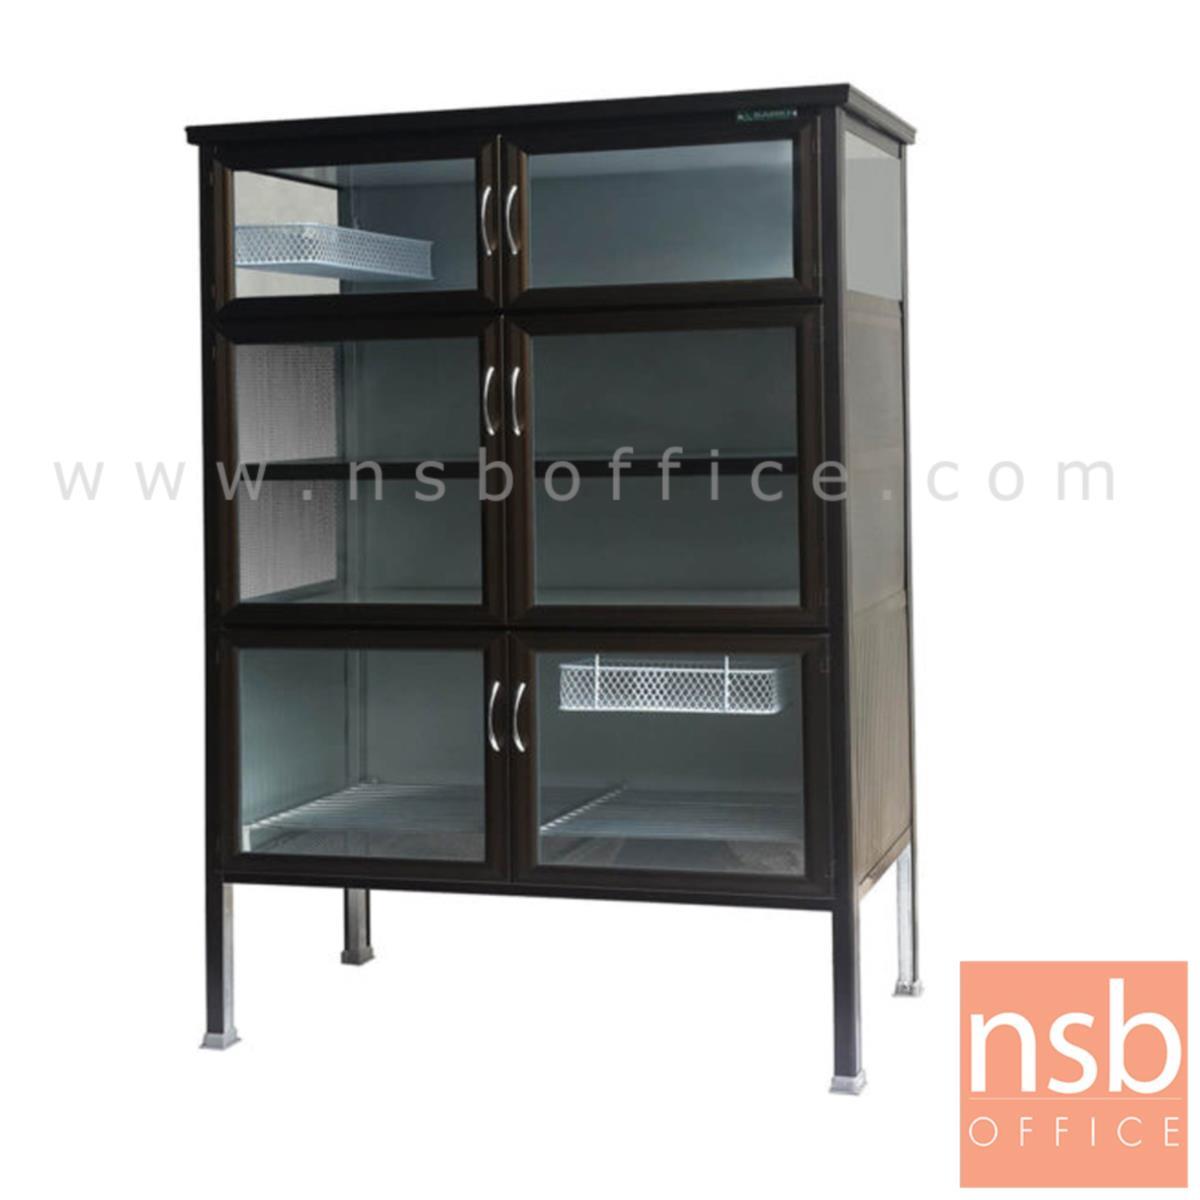 G07A053:ตู้ครัว รุ่น Mantle กว้าง 3.5 cm. โครงเหล็กสีเงิน/สีชา ทรงสูง